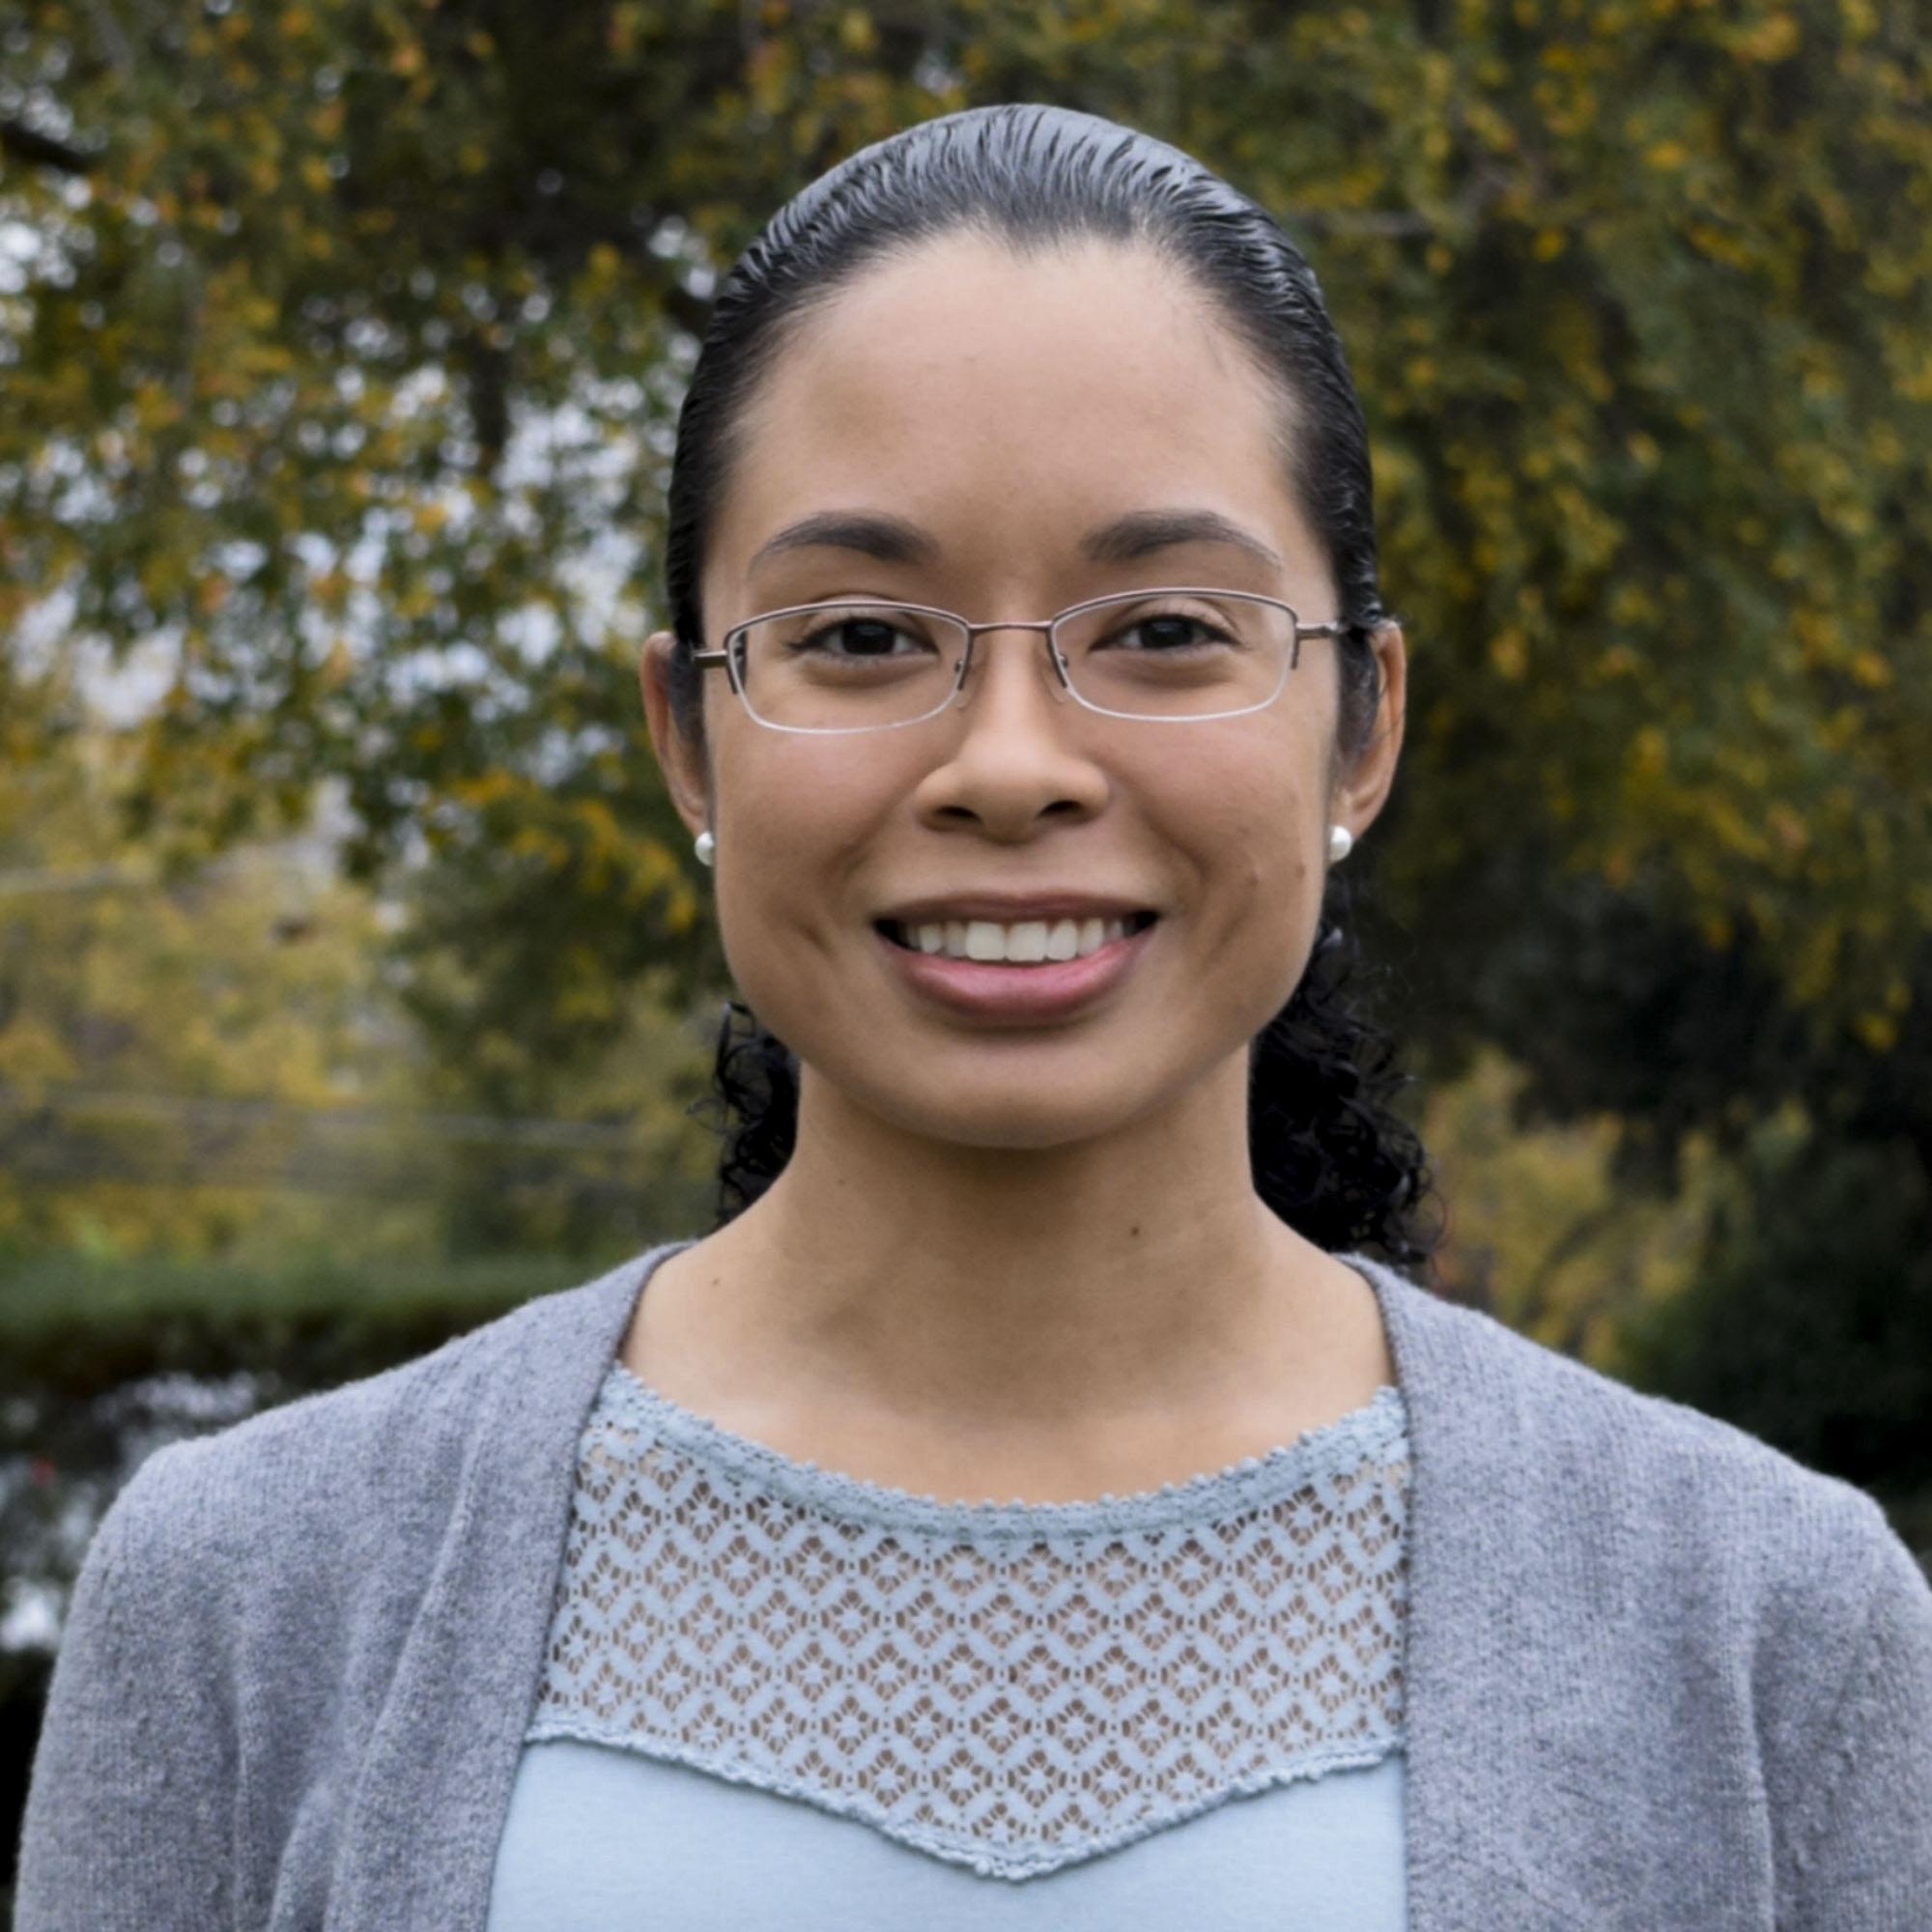 Liliana Galvez, PALS Program Coordinator